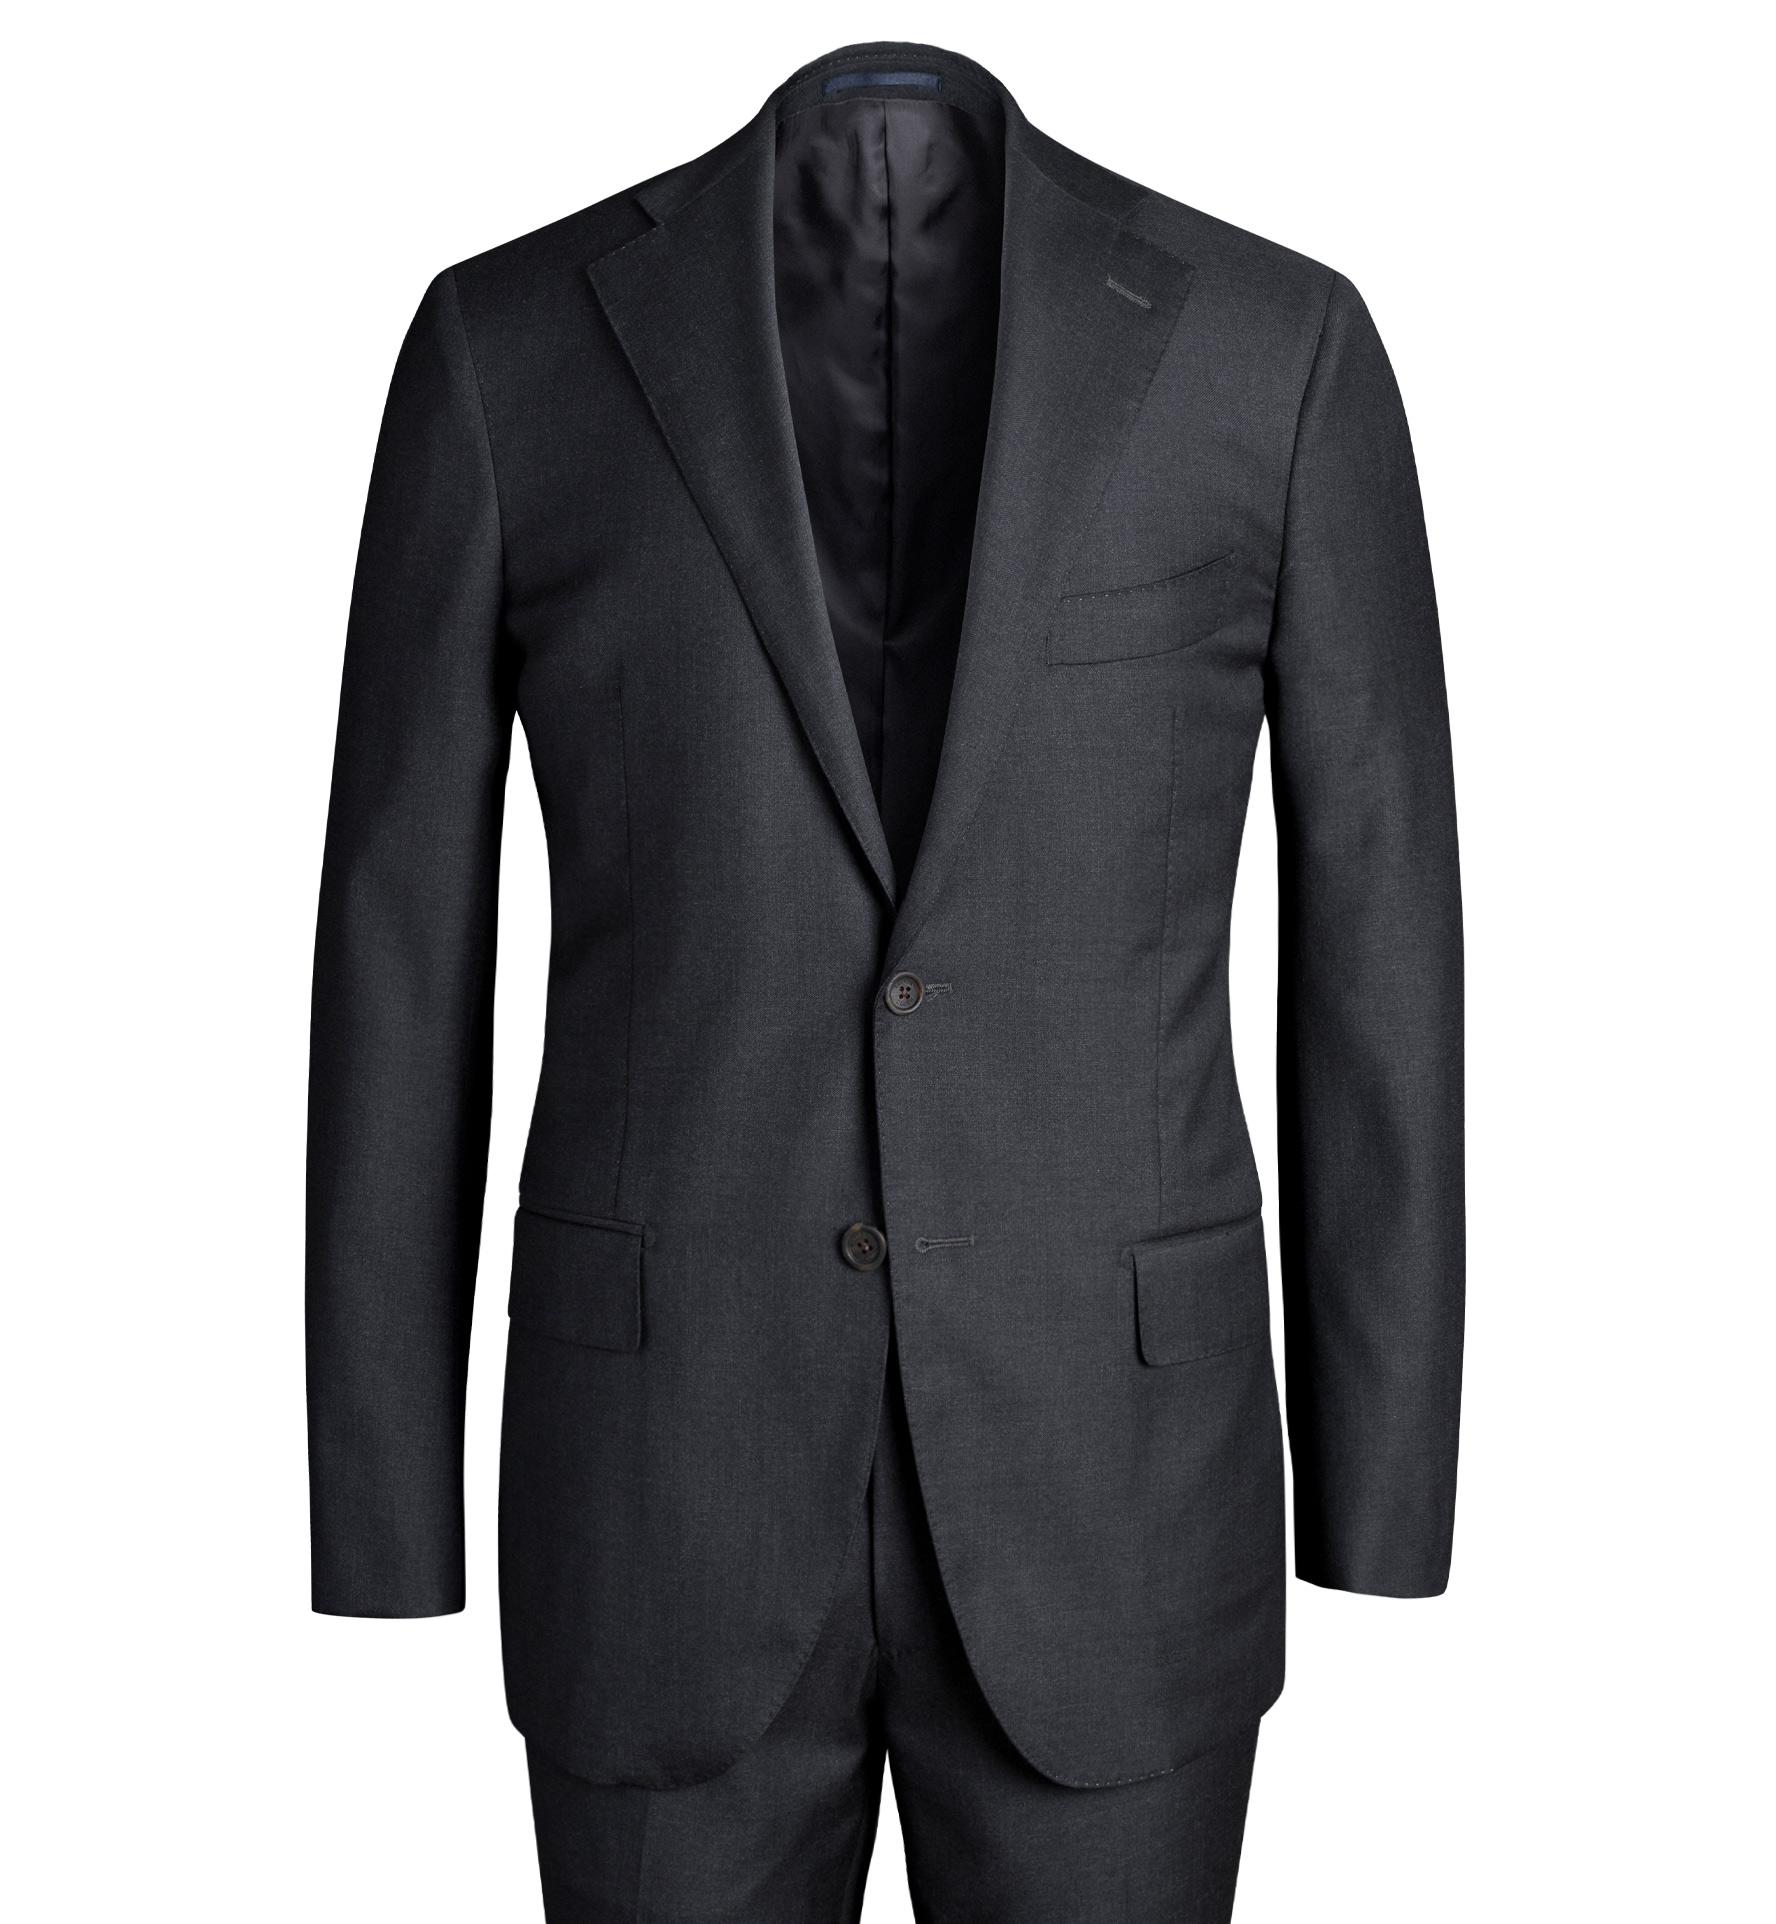 Zoom Image of Allen VBC Charcoal S110s Wool Suit